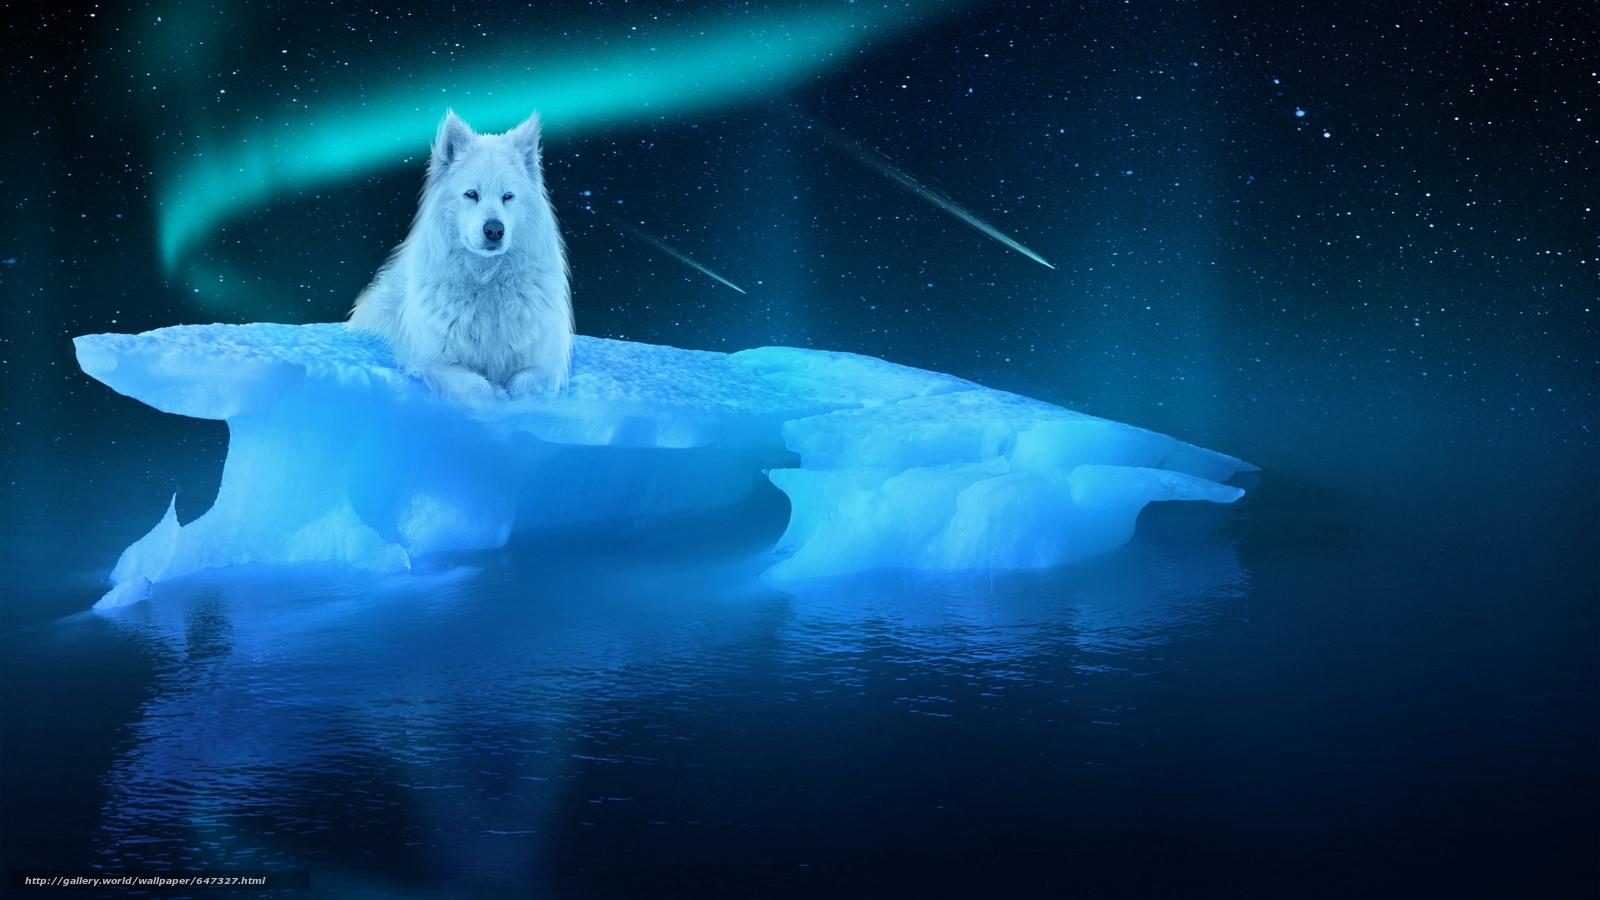 scaricare gli sfondi notte,  lastrone di ghiaccio,  lupo bianco Sfondi gratis per la risoluzione del desktop 2560x1440 — immagine №647327